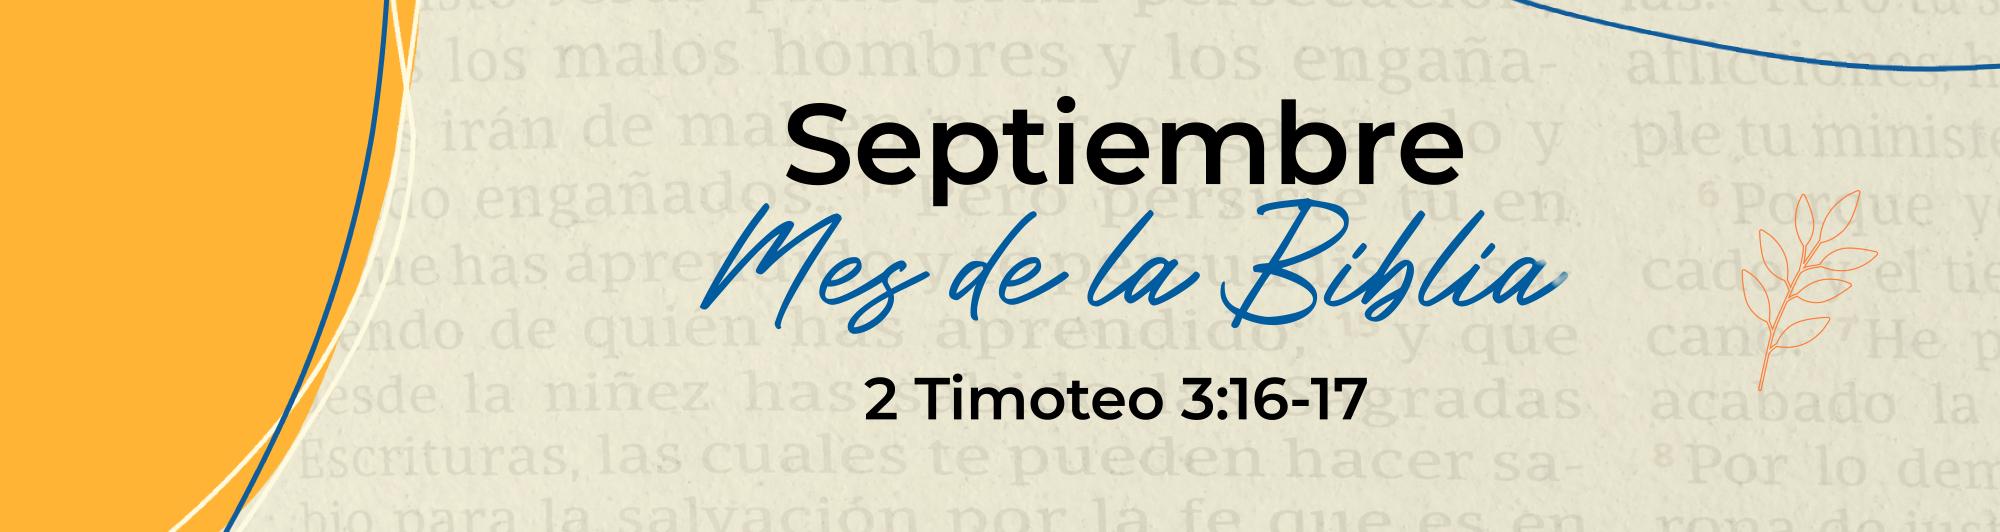 1. Mes de la Biblia - Banner Web